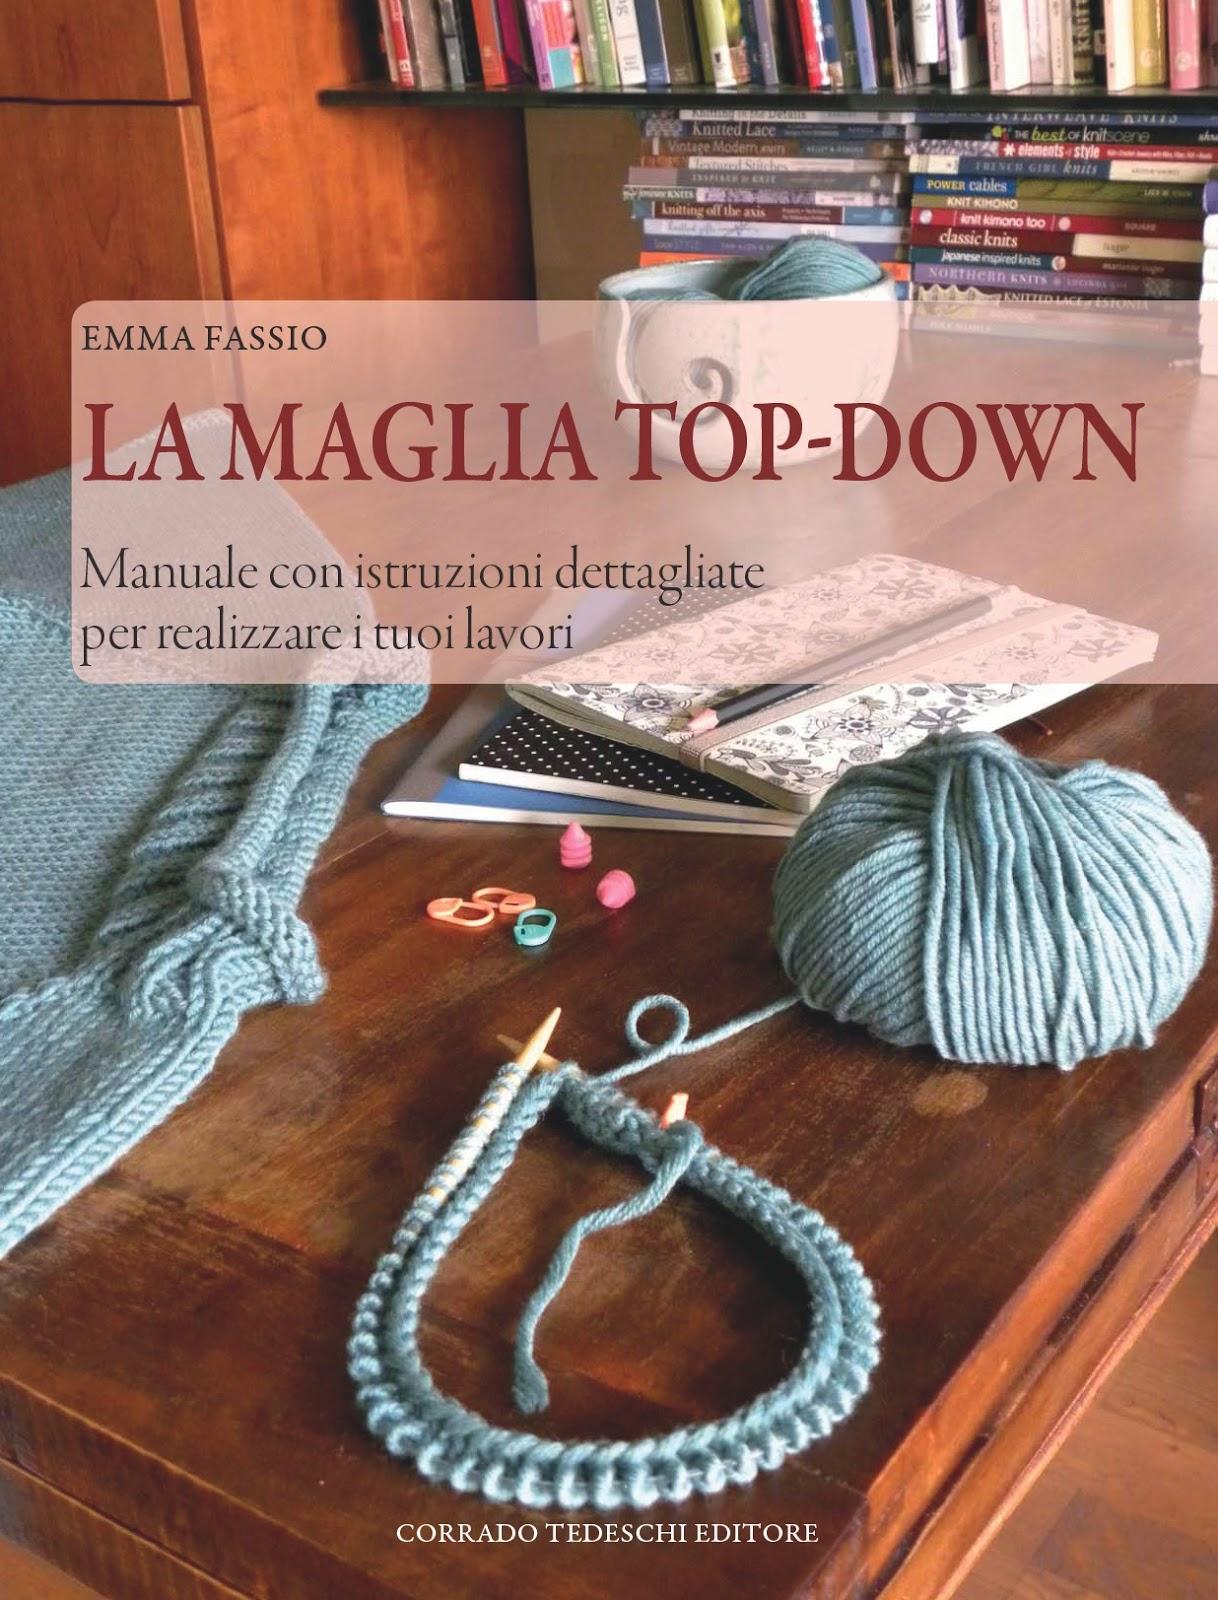 Copertina libro Emma Fassio La maglia top-down